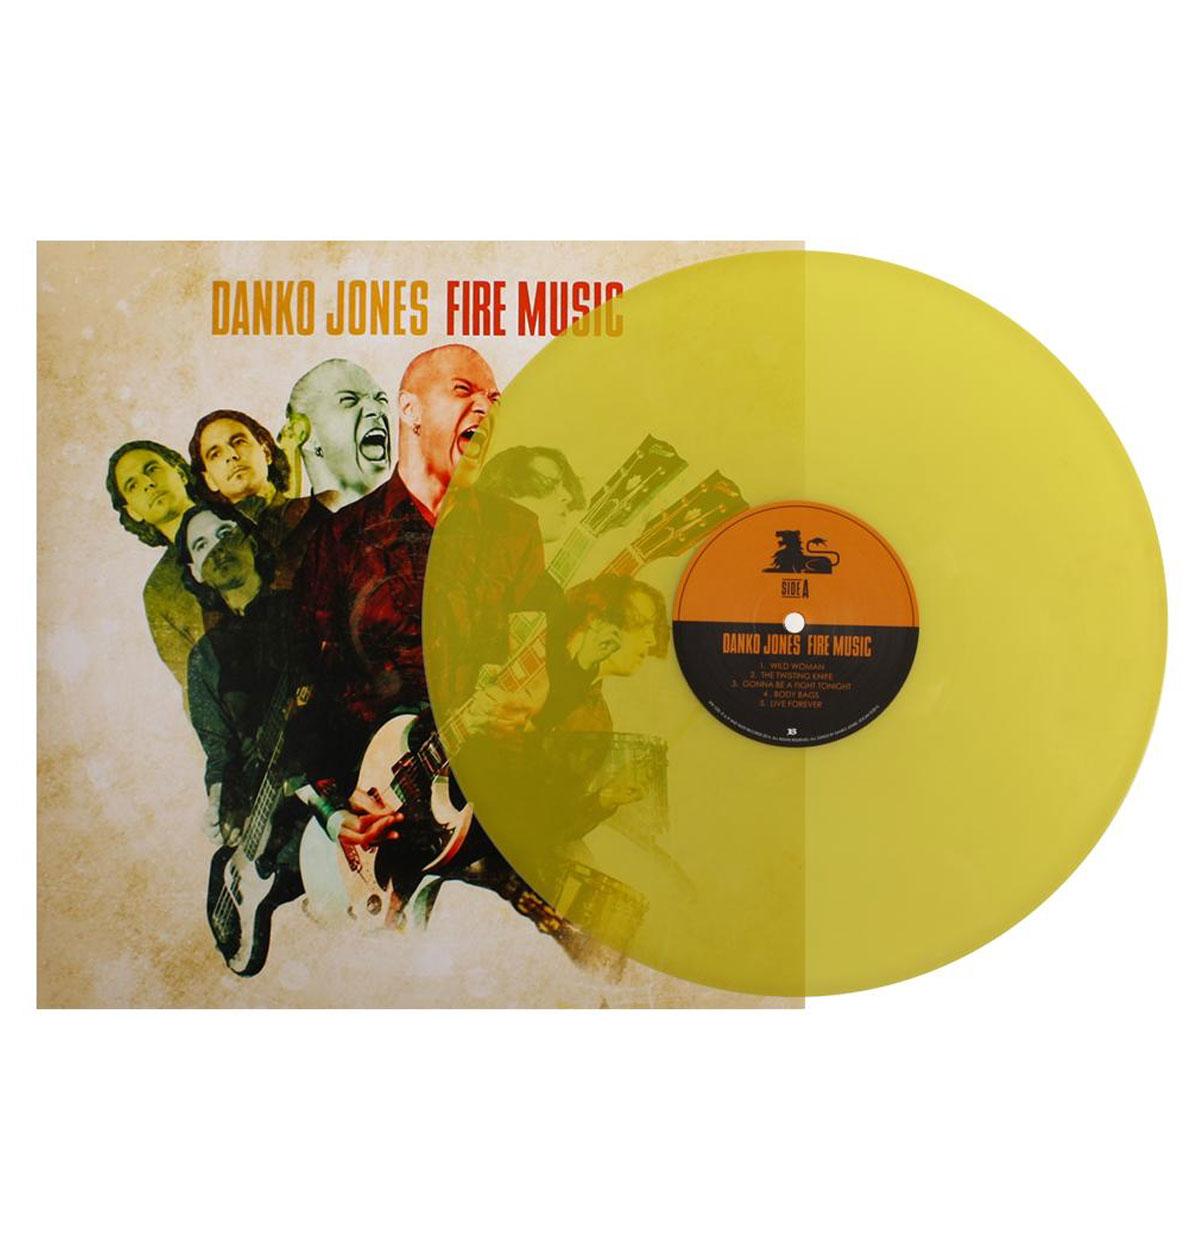 Danko Jones - Fire Music LTD Yellow Vinyl LP